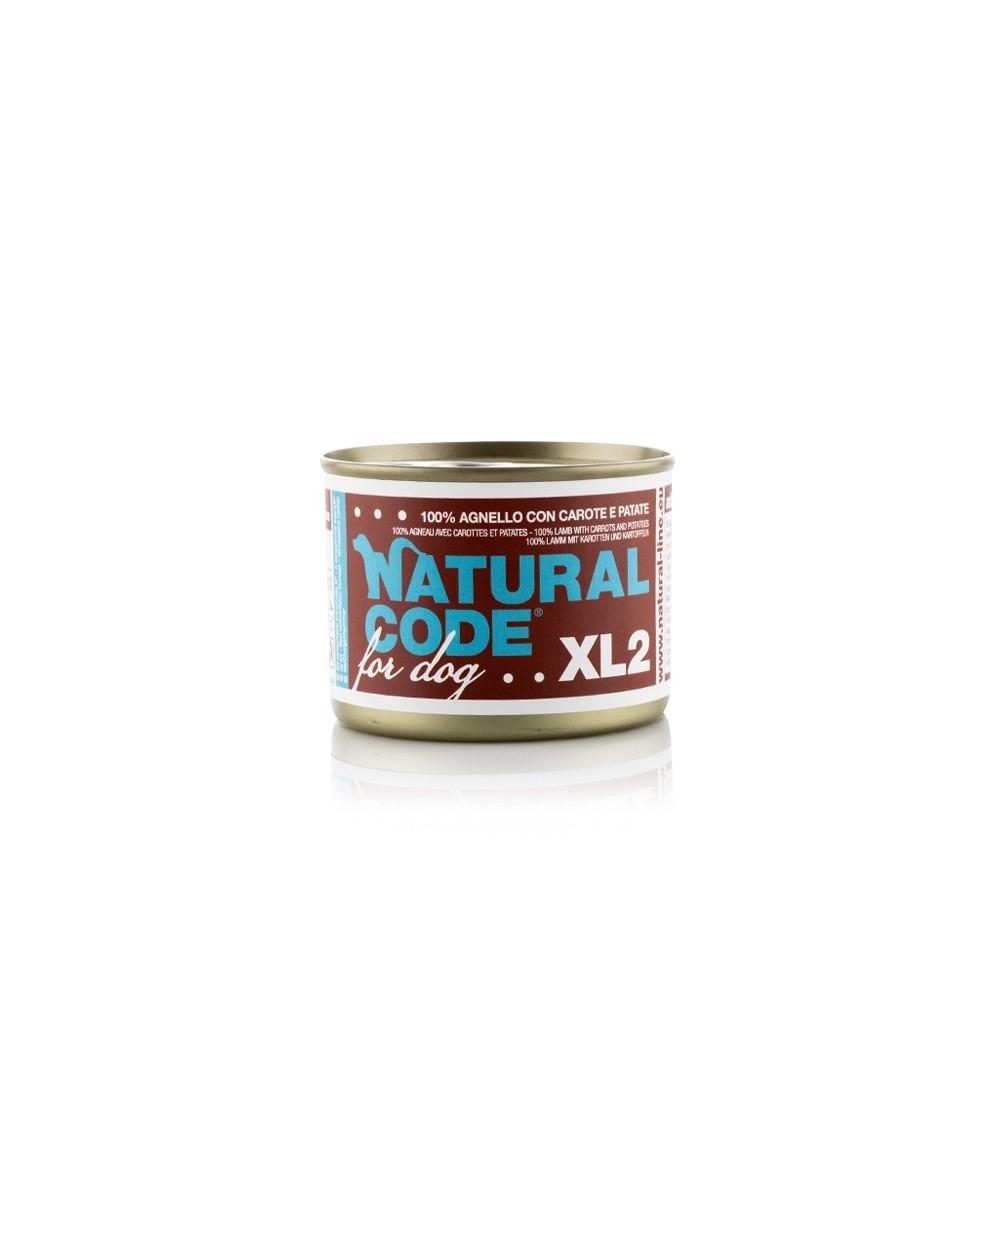 Natural Code Cane XL 185g 02 Agnello con Carote